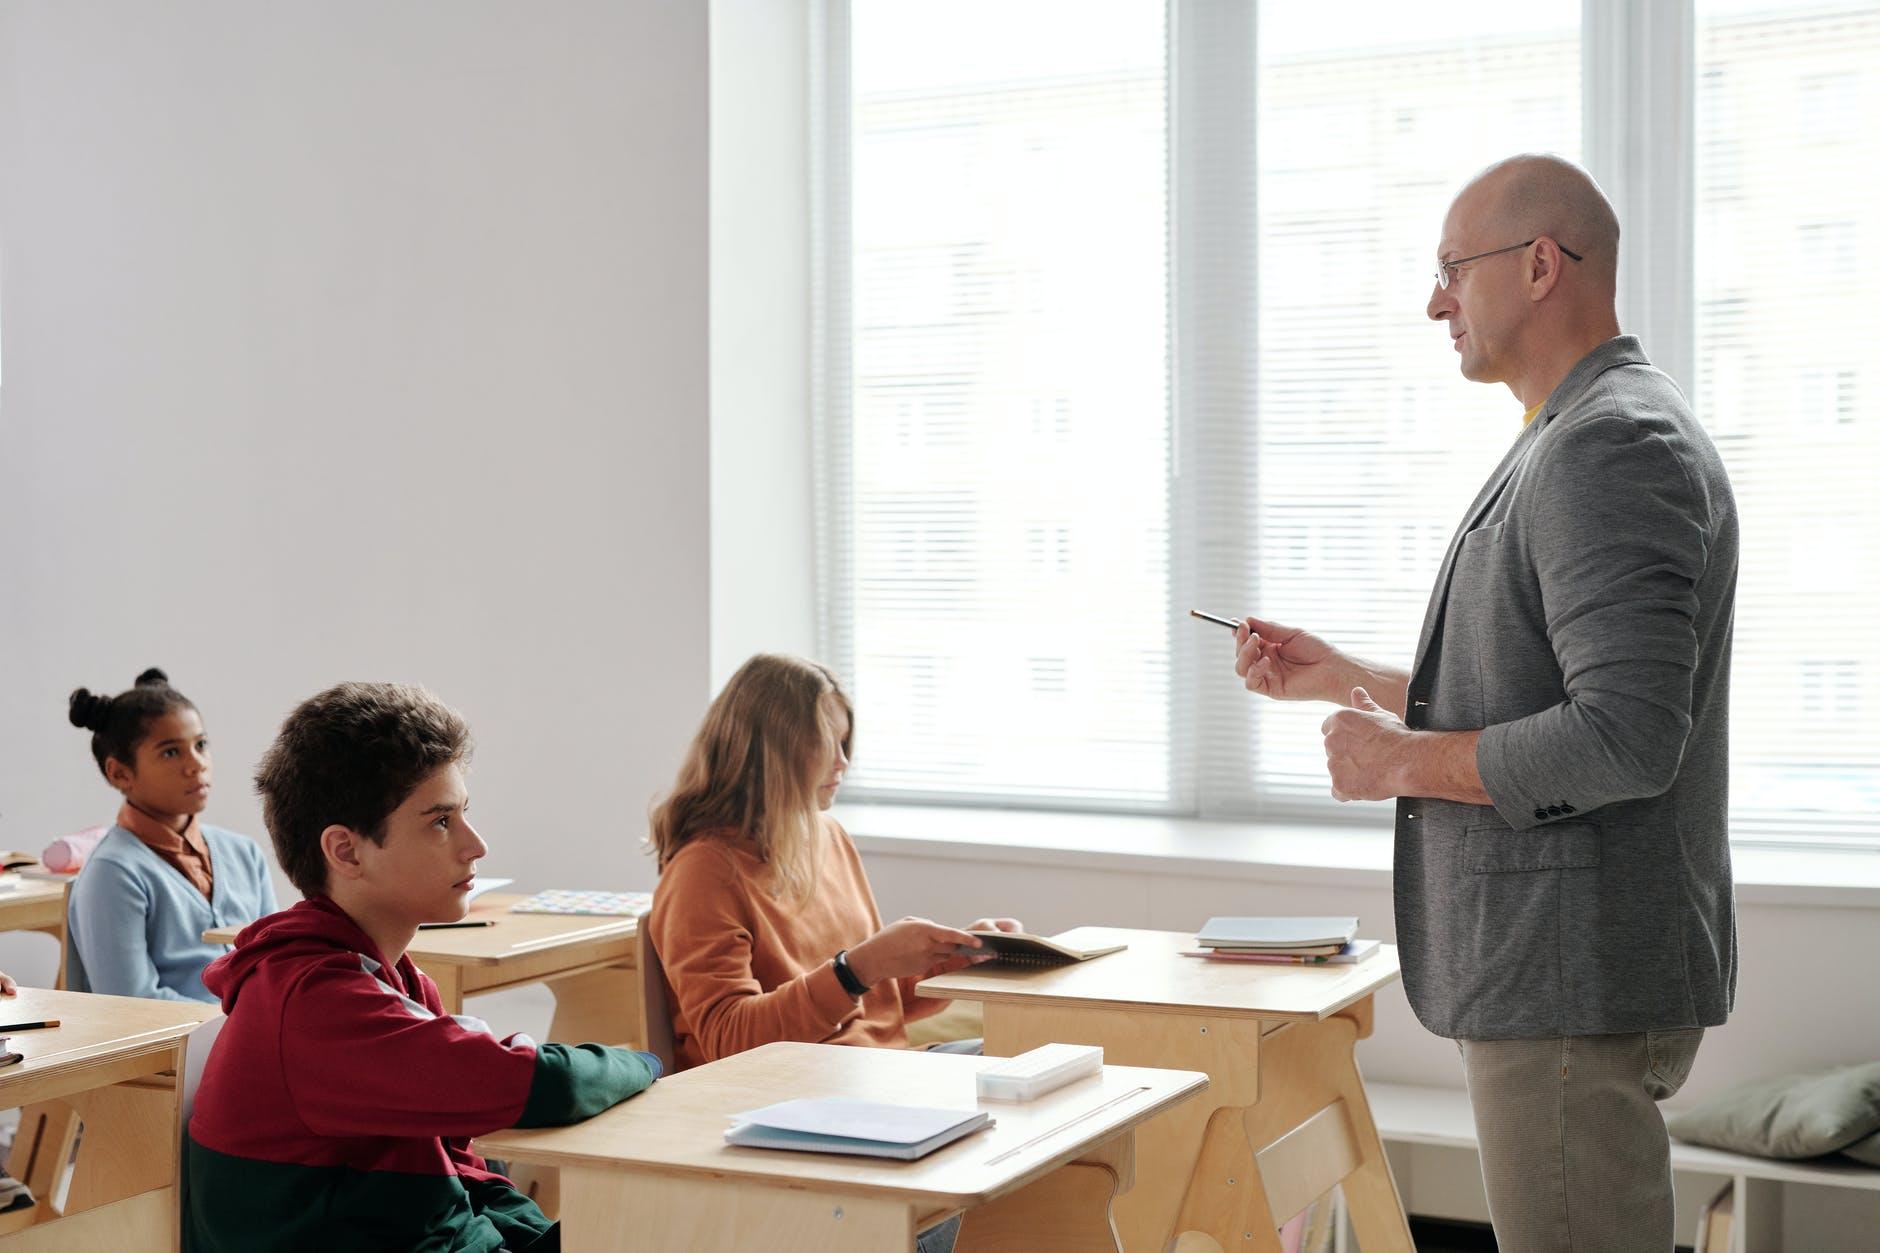 how to speak english fluently without hesitation